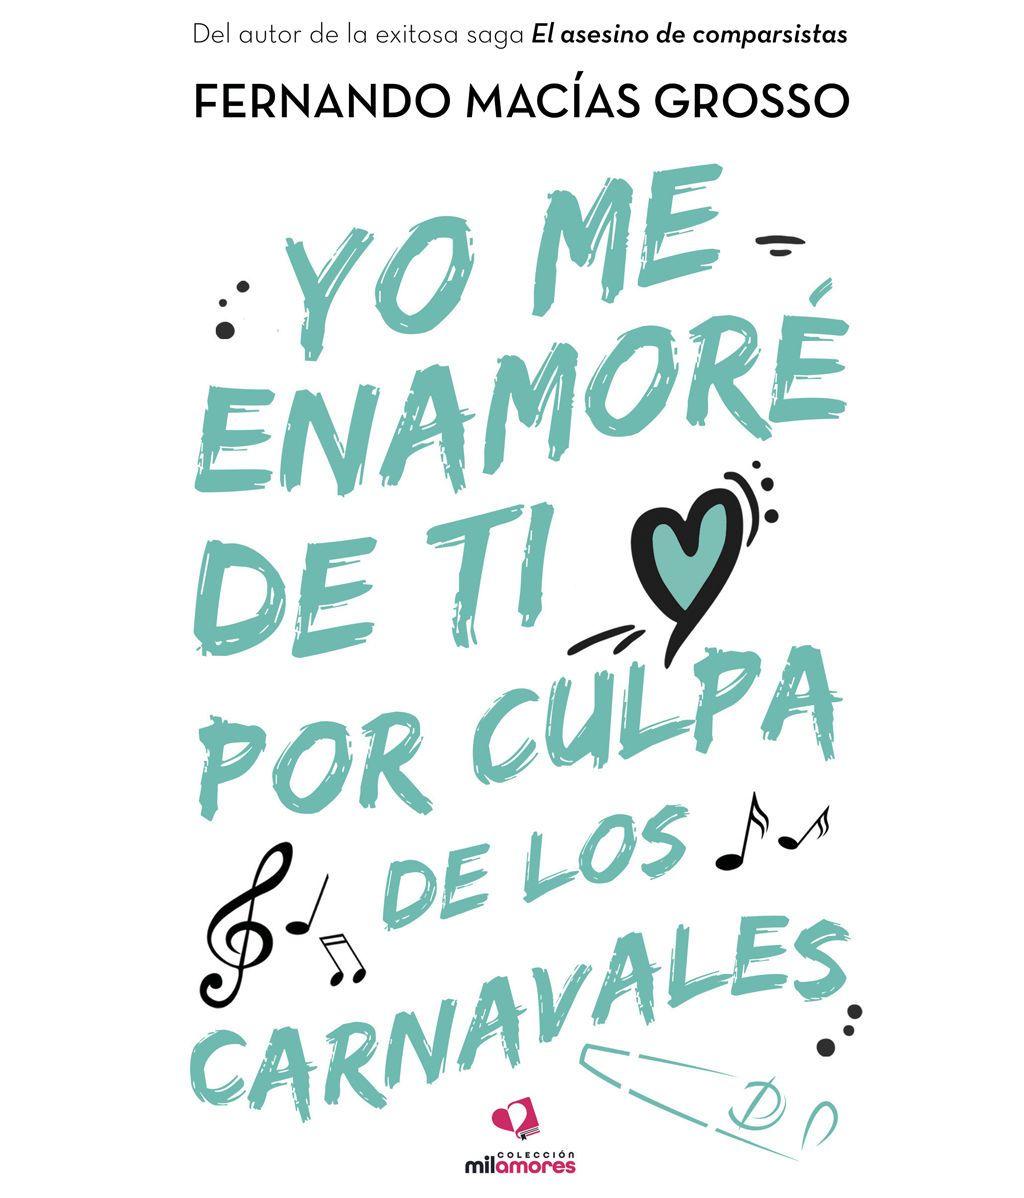 yo me enamore de ti por culpa de los carnavales